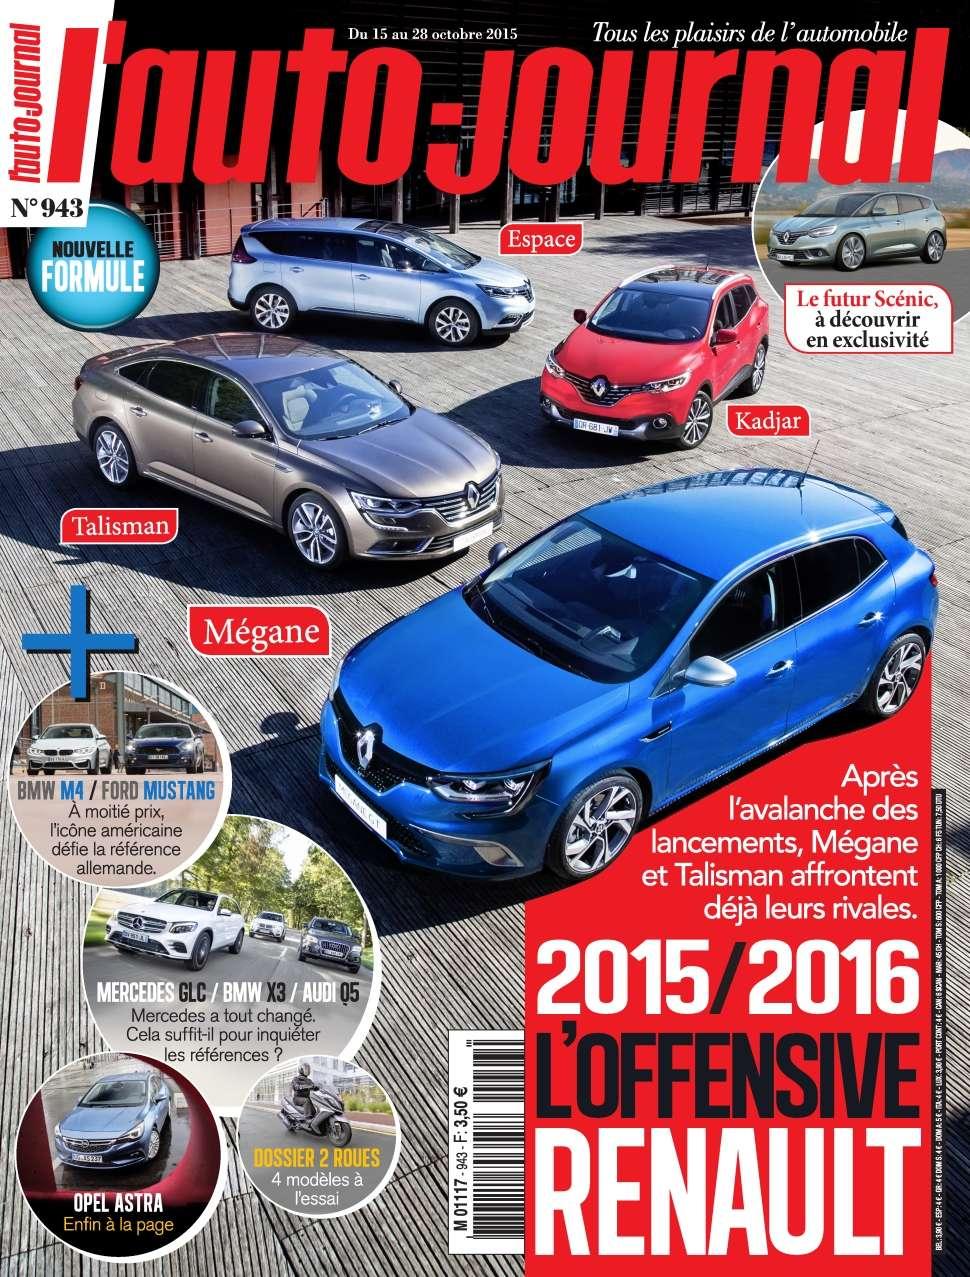 L'Auto-Journal 943 - 15 au 28 Octobre 2015